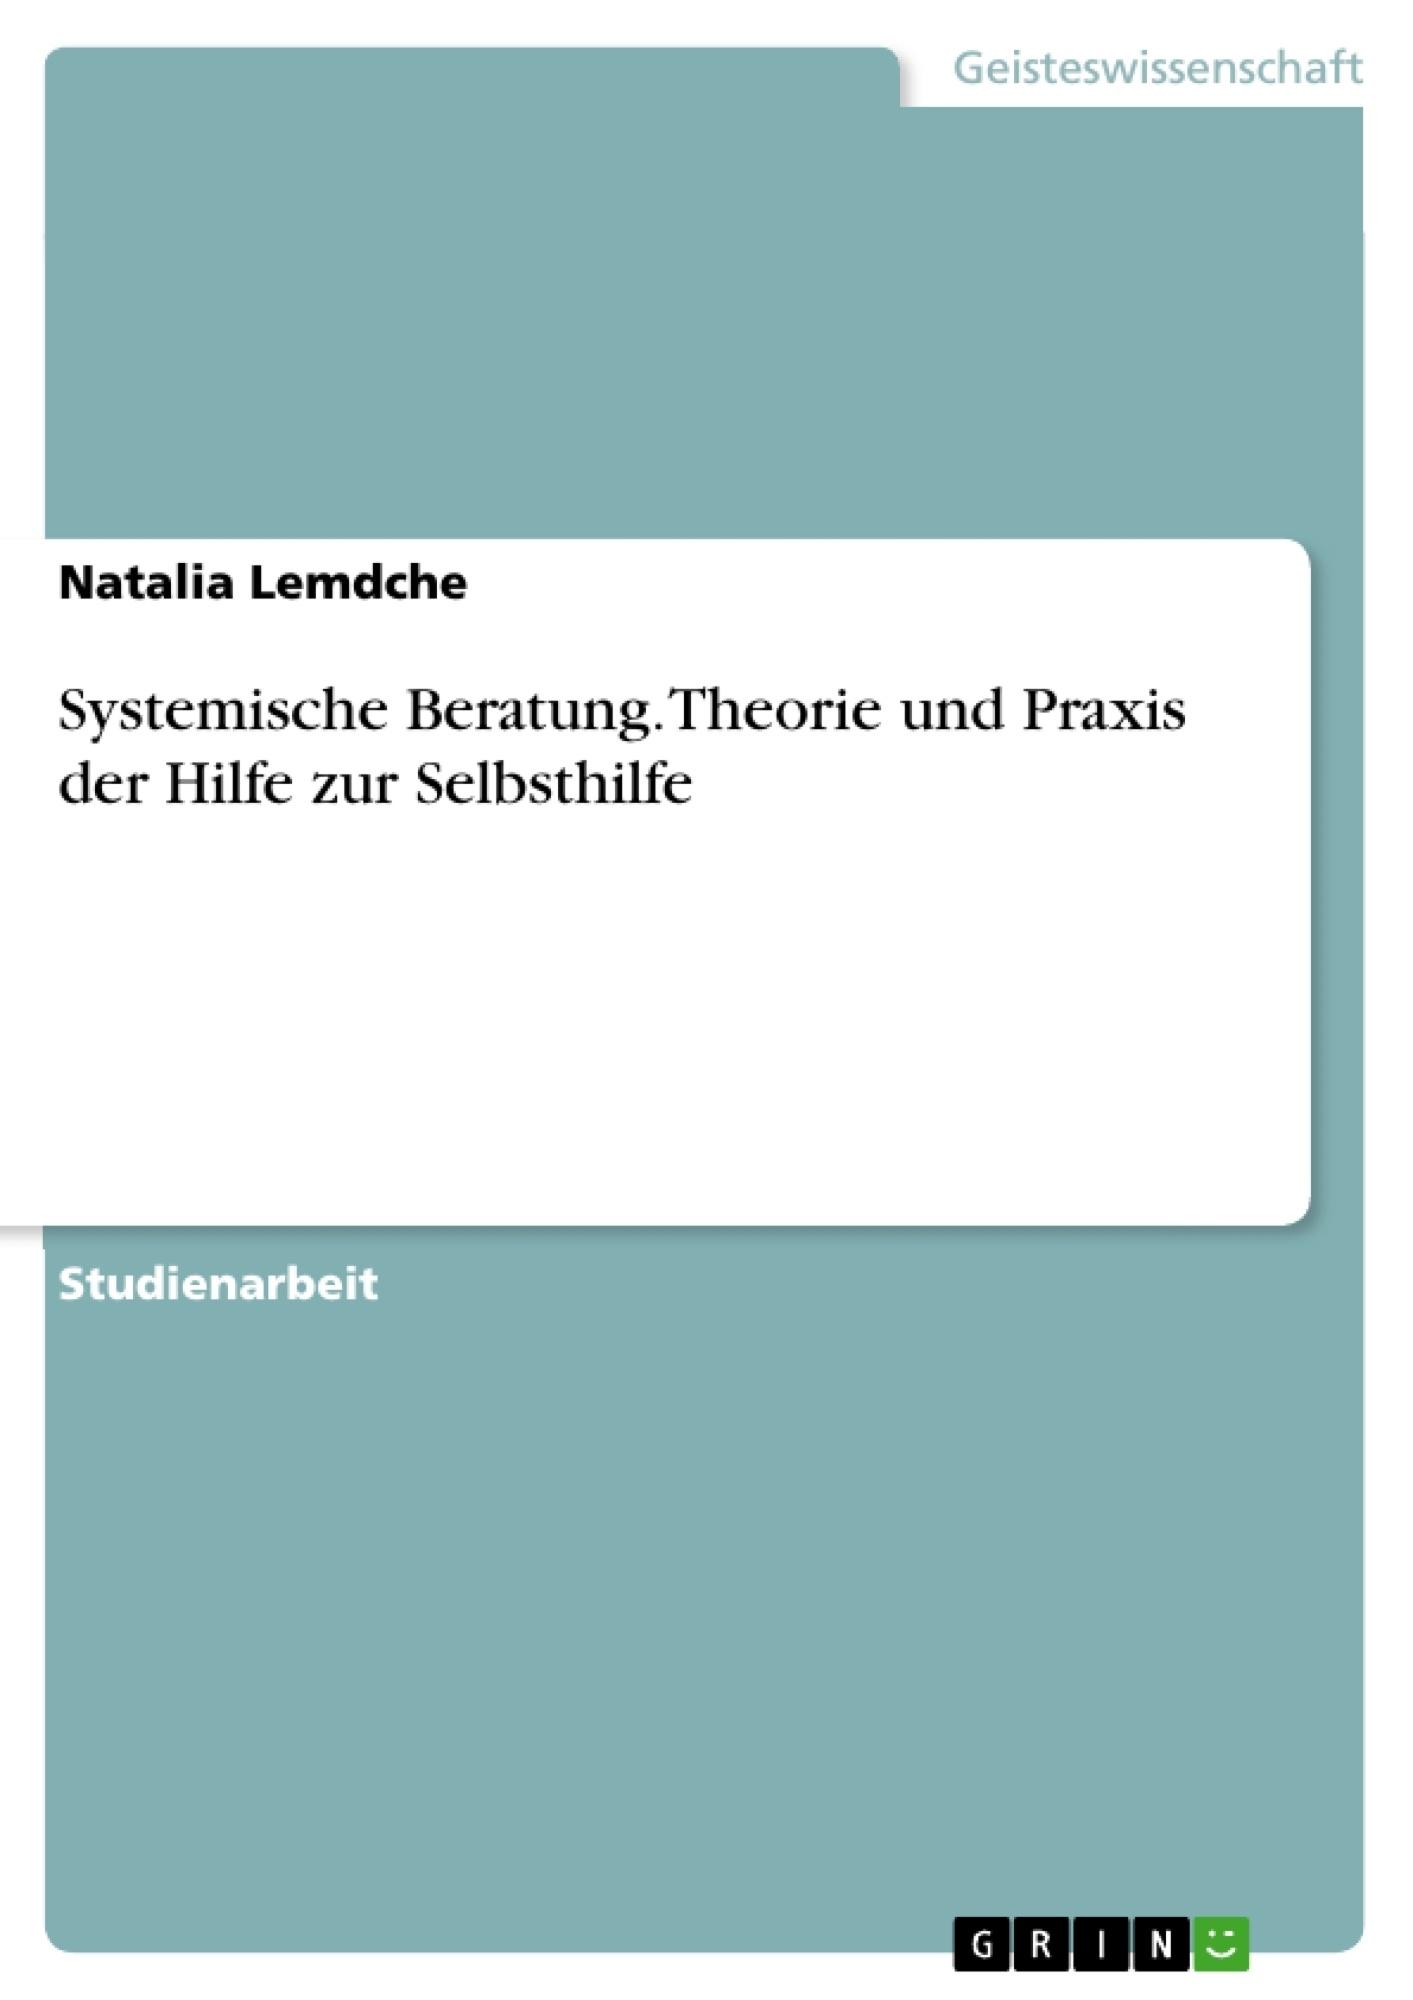 Titel: Systemische Beratung. Theorie und Praxis der Hilfe zur Selbsthilfe